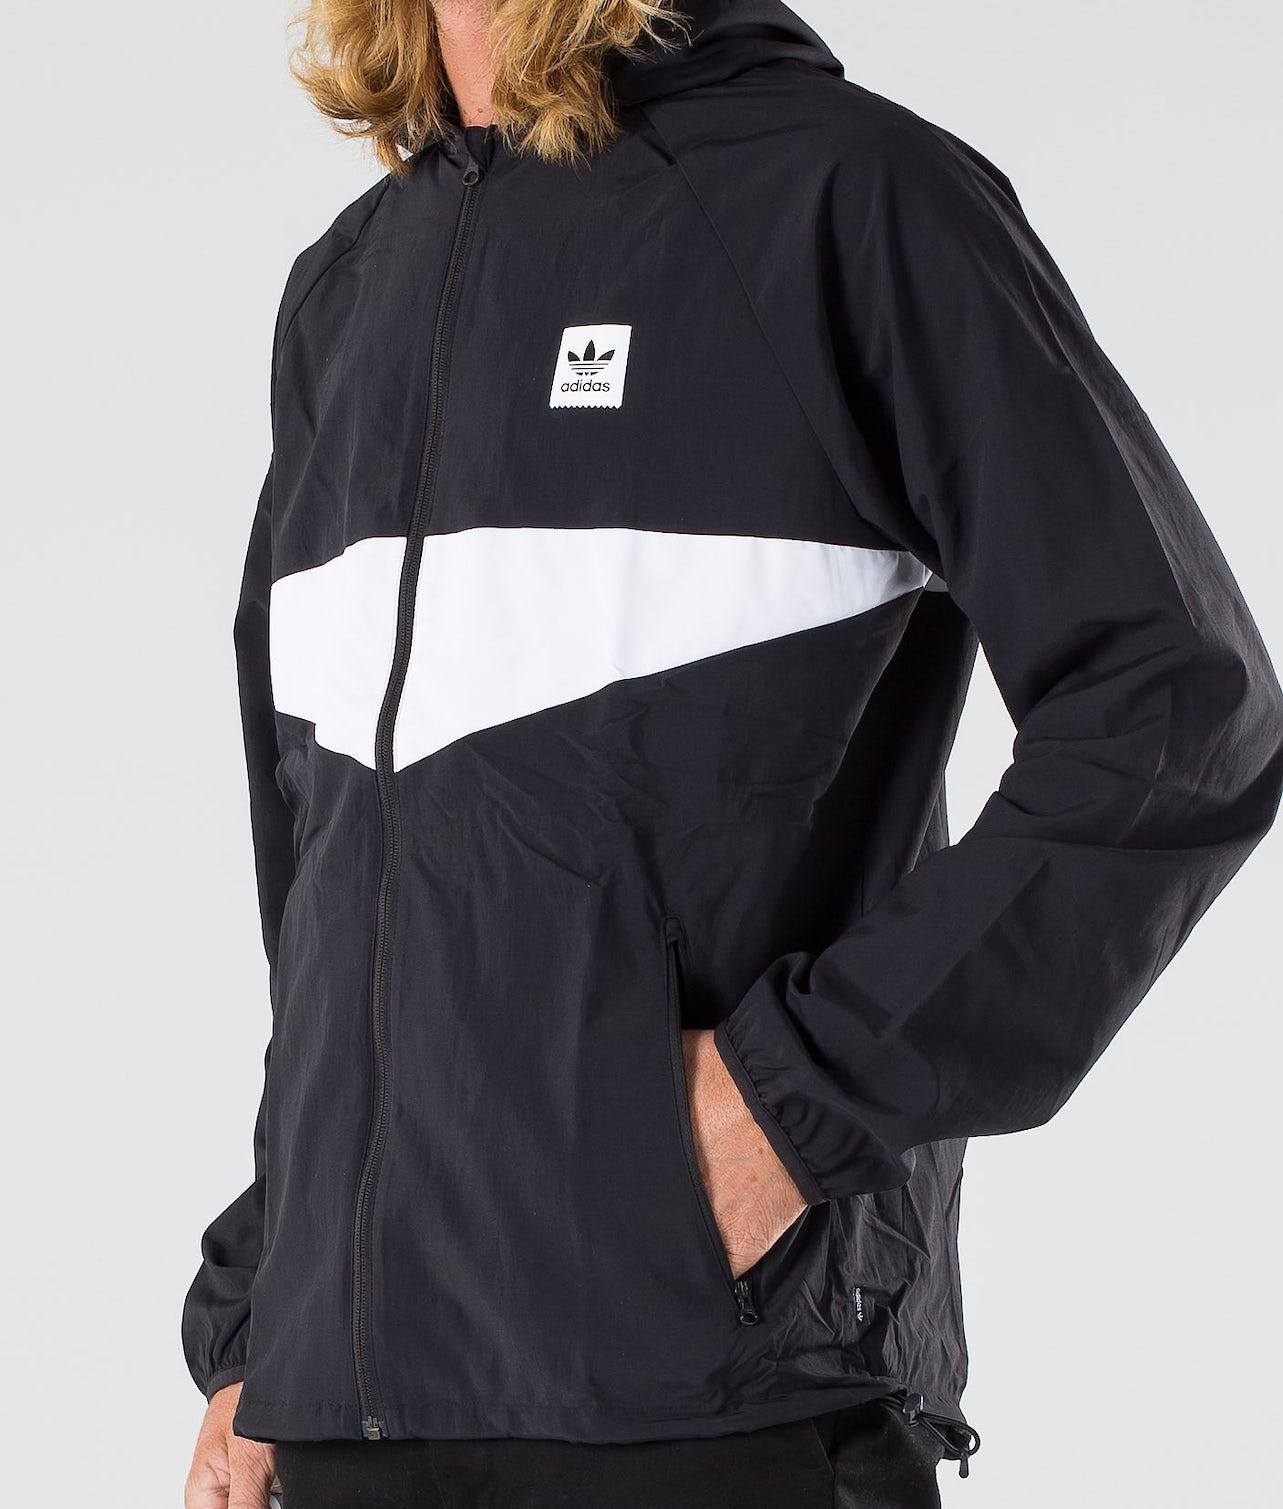 Köp Dekum Packable Wind Jacka från Adidas Skateboarding på Ridestore.se Hos oss har du alltid fri frakt, fri retur och 30 dagar öppet köp!